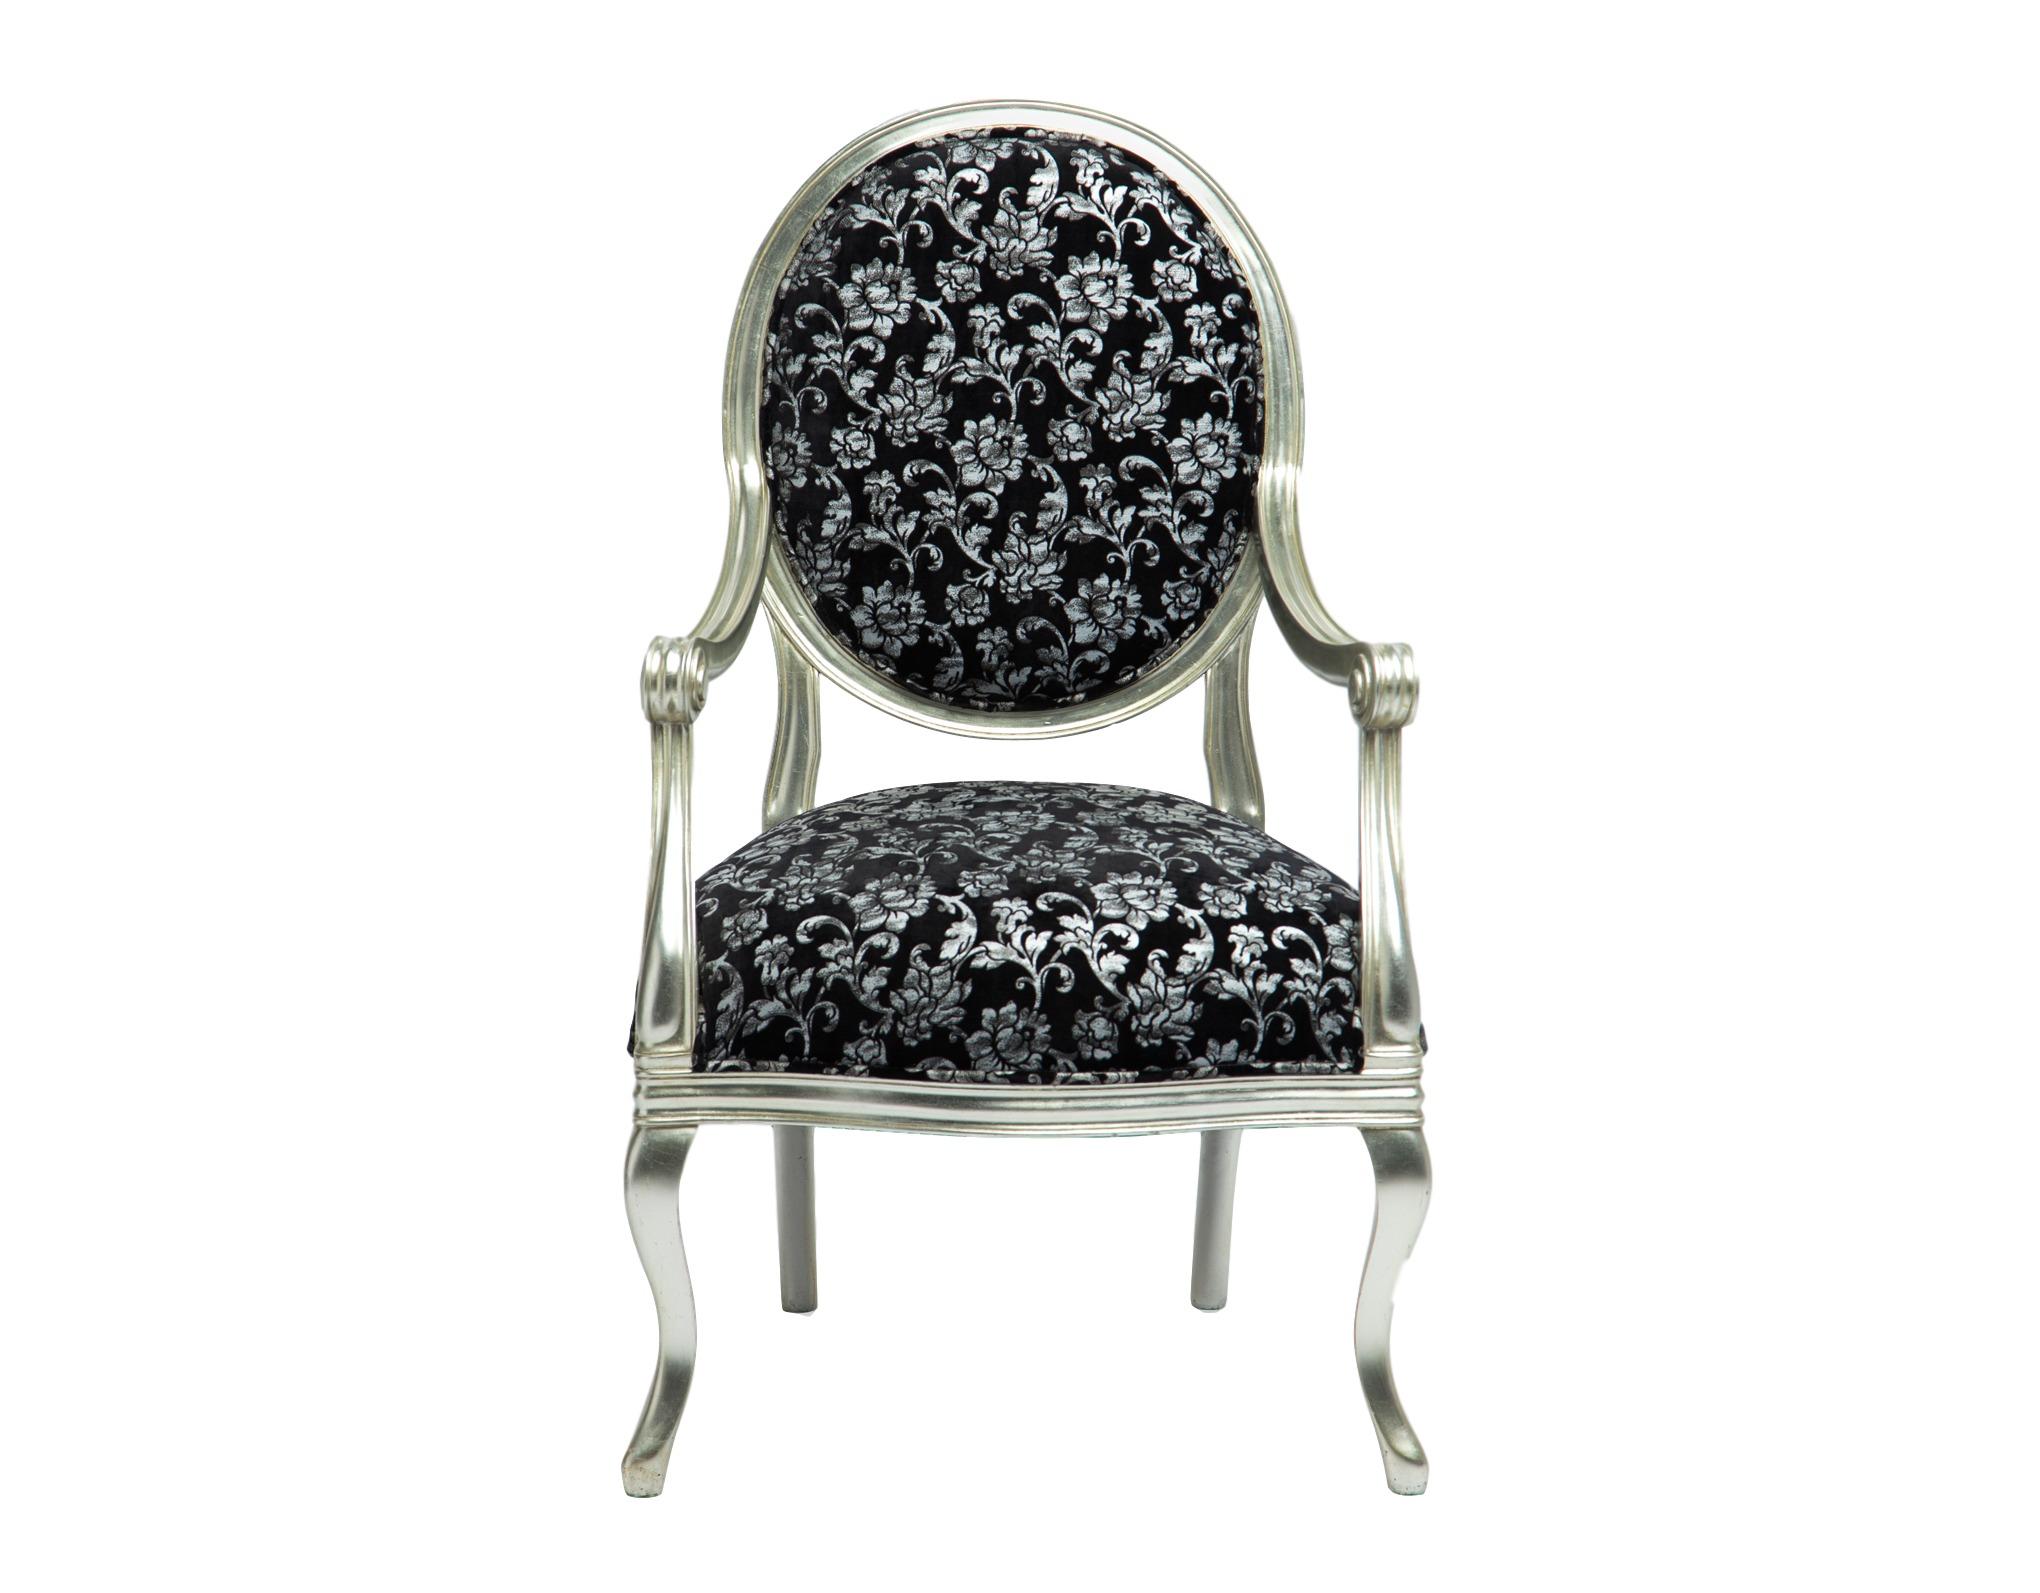 ПолукреслоПолукресла<br>Серебряное кресло с мягкой спинкой-медальон, черная обивка с серебристым рисунком.&amp;lt;div&amp;gt;&amp;lt;br&amp;gt;&amp;lt;/div&amp;gt;&amp;lt;div&amp;gt;Материал: махагони.&amp;lt;br&amp;gt;&amp;lt;/div&amp;gt;<br><br>Material: Текстиль<br>Width см: 65<br>Depth см: 58<br>Height см: 106